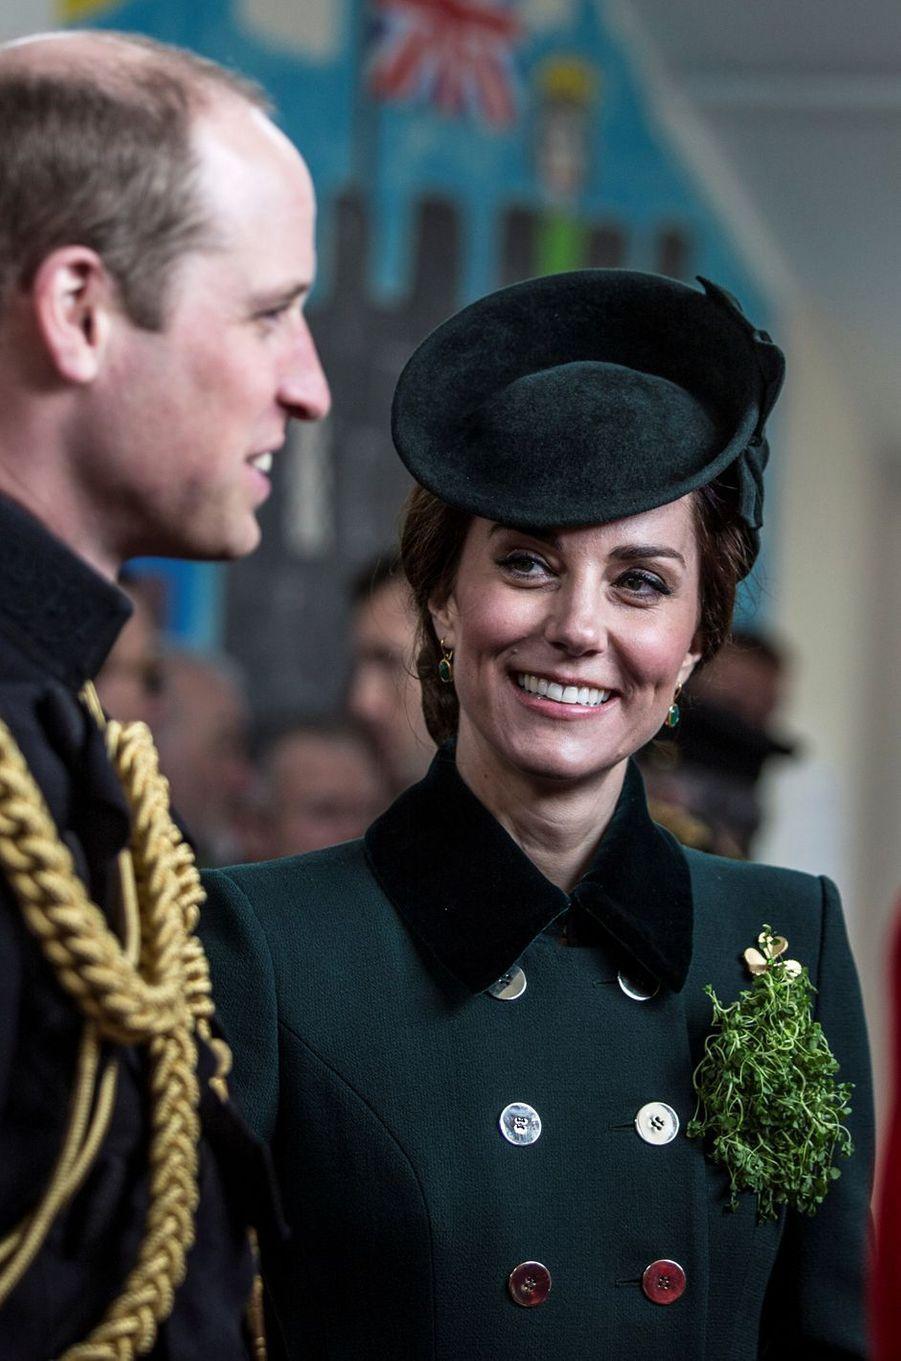 Le bibi de la duchesse de Cambridge pour la St Patrick à Aldershot, le 17 mars 2017